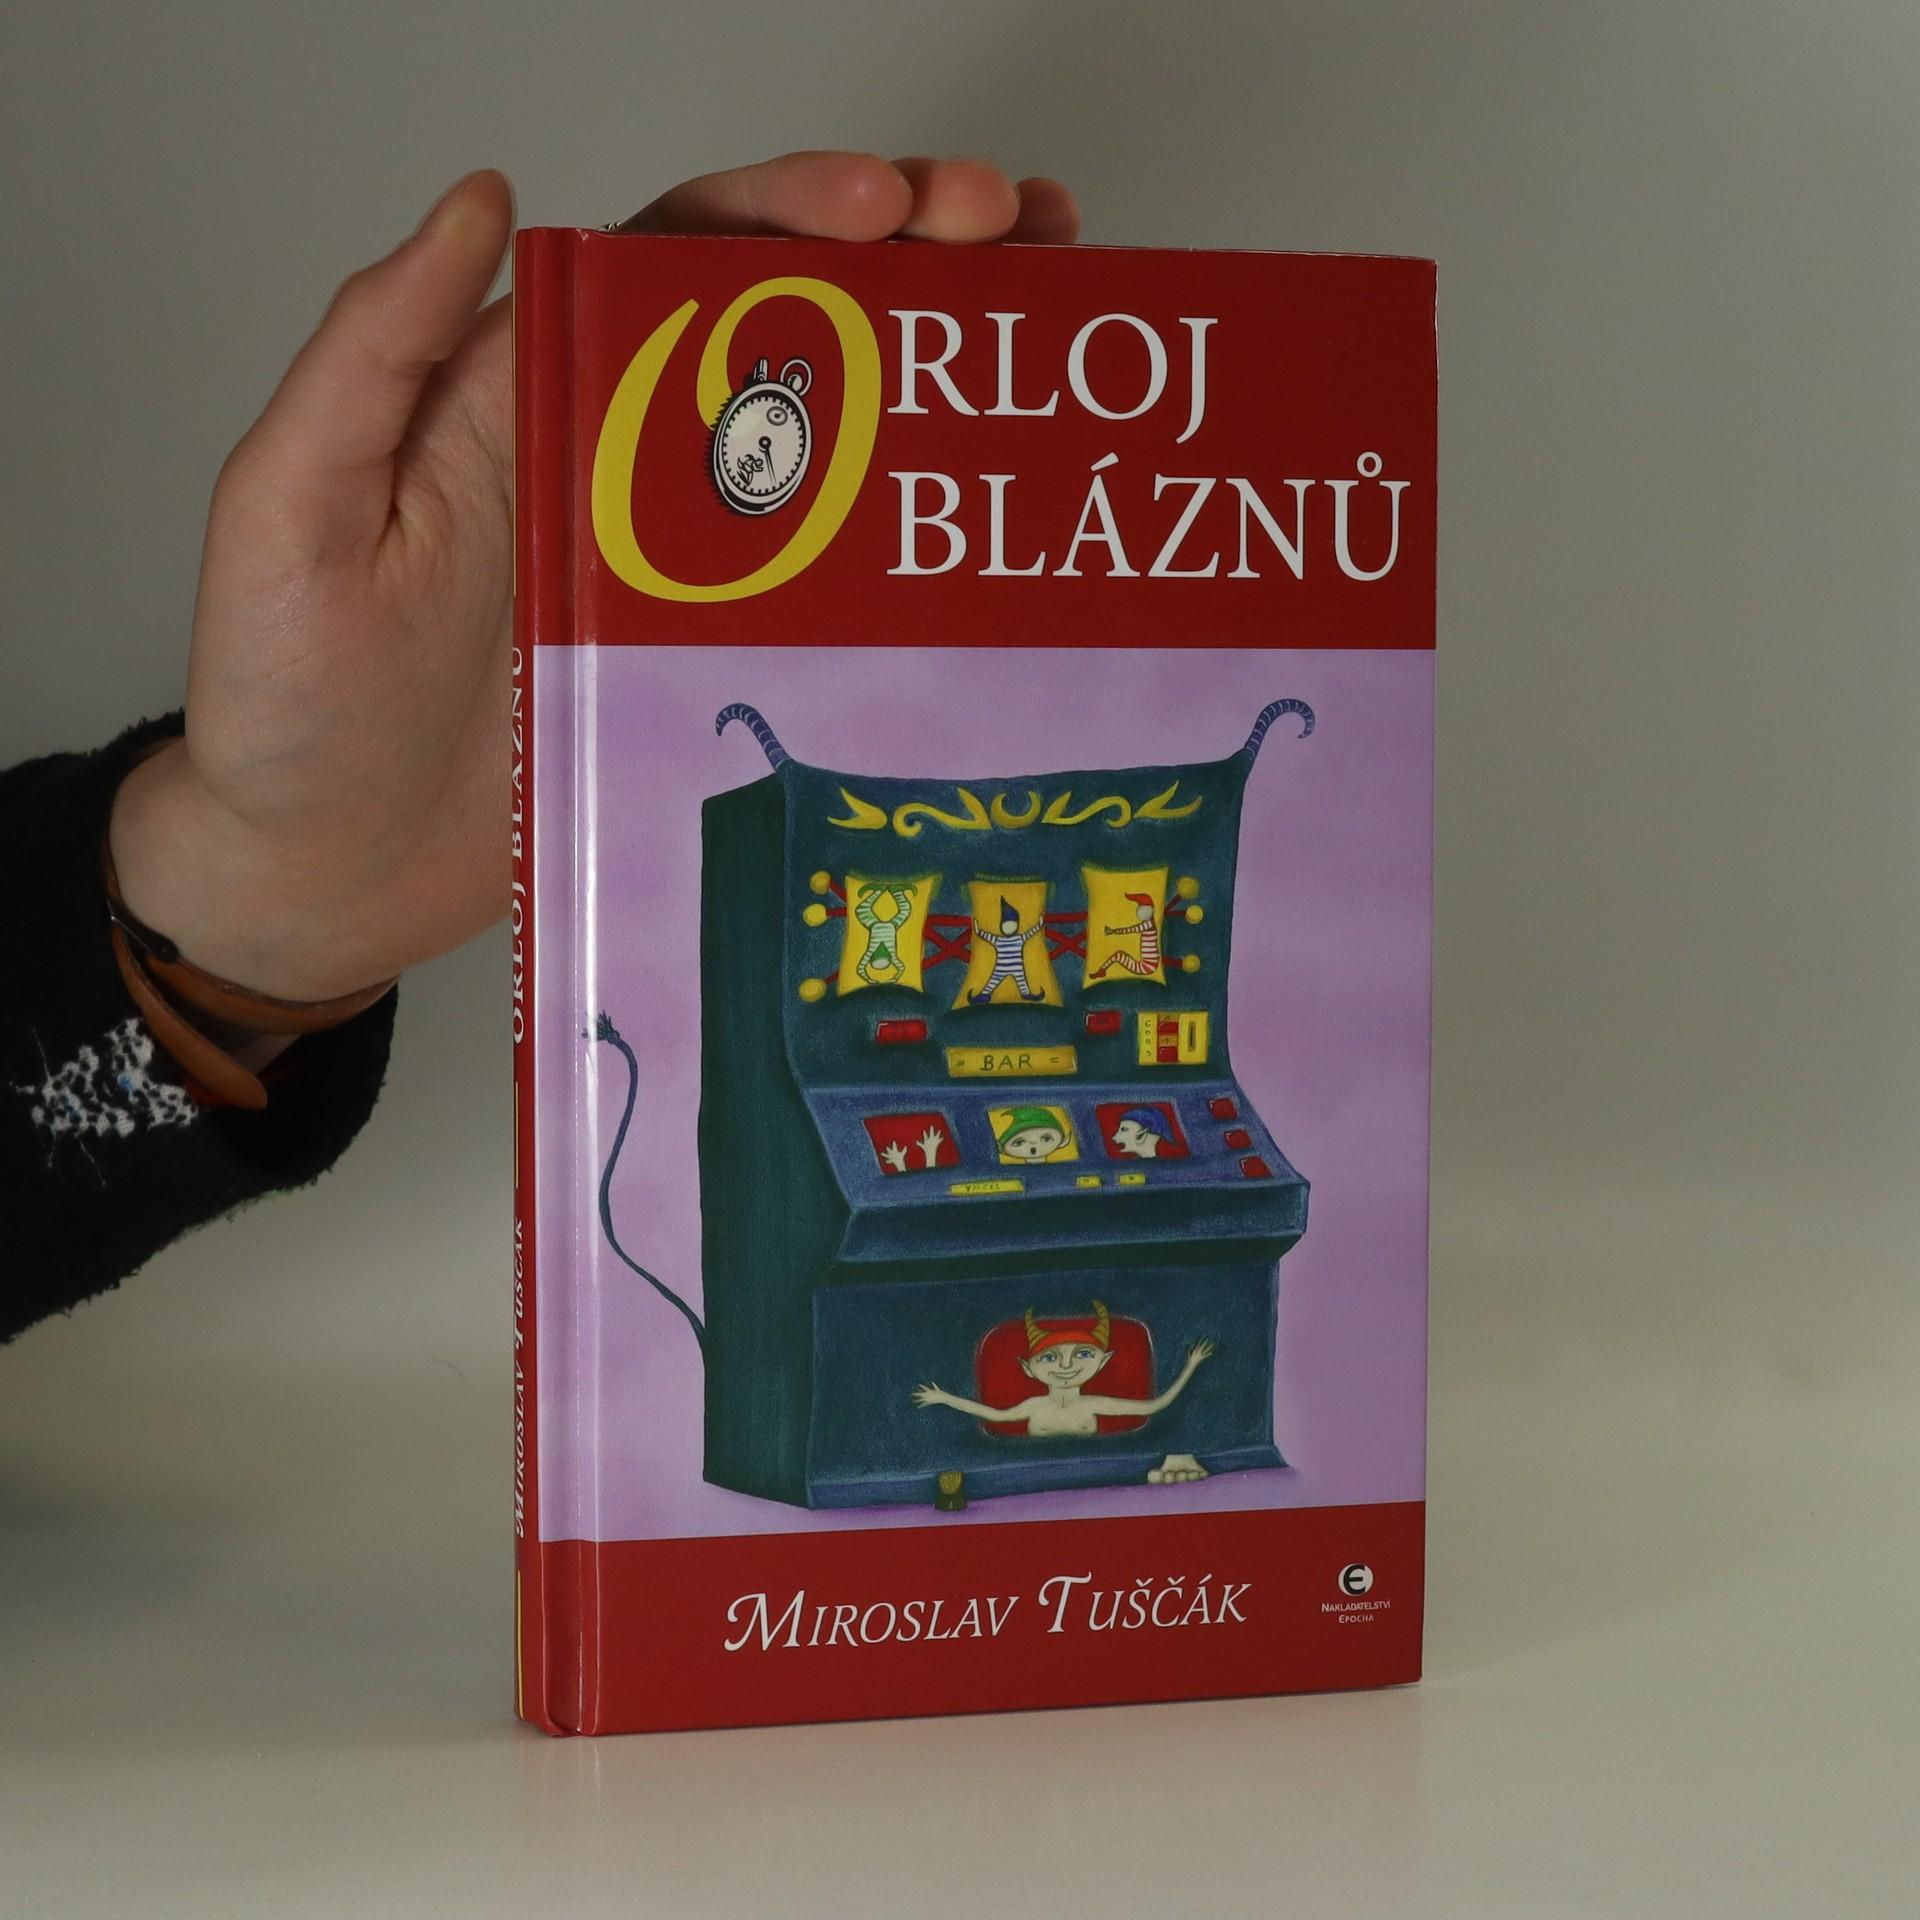 antikvární kniha Orloj bláznů, 2008